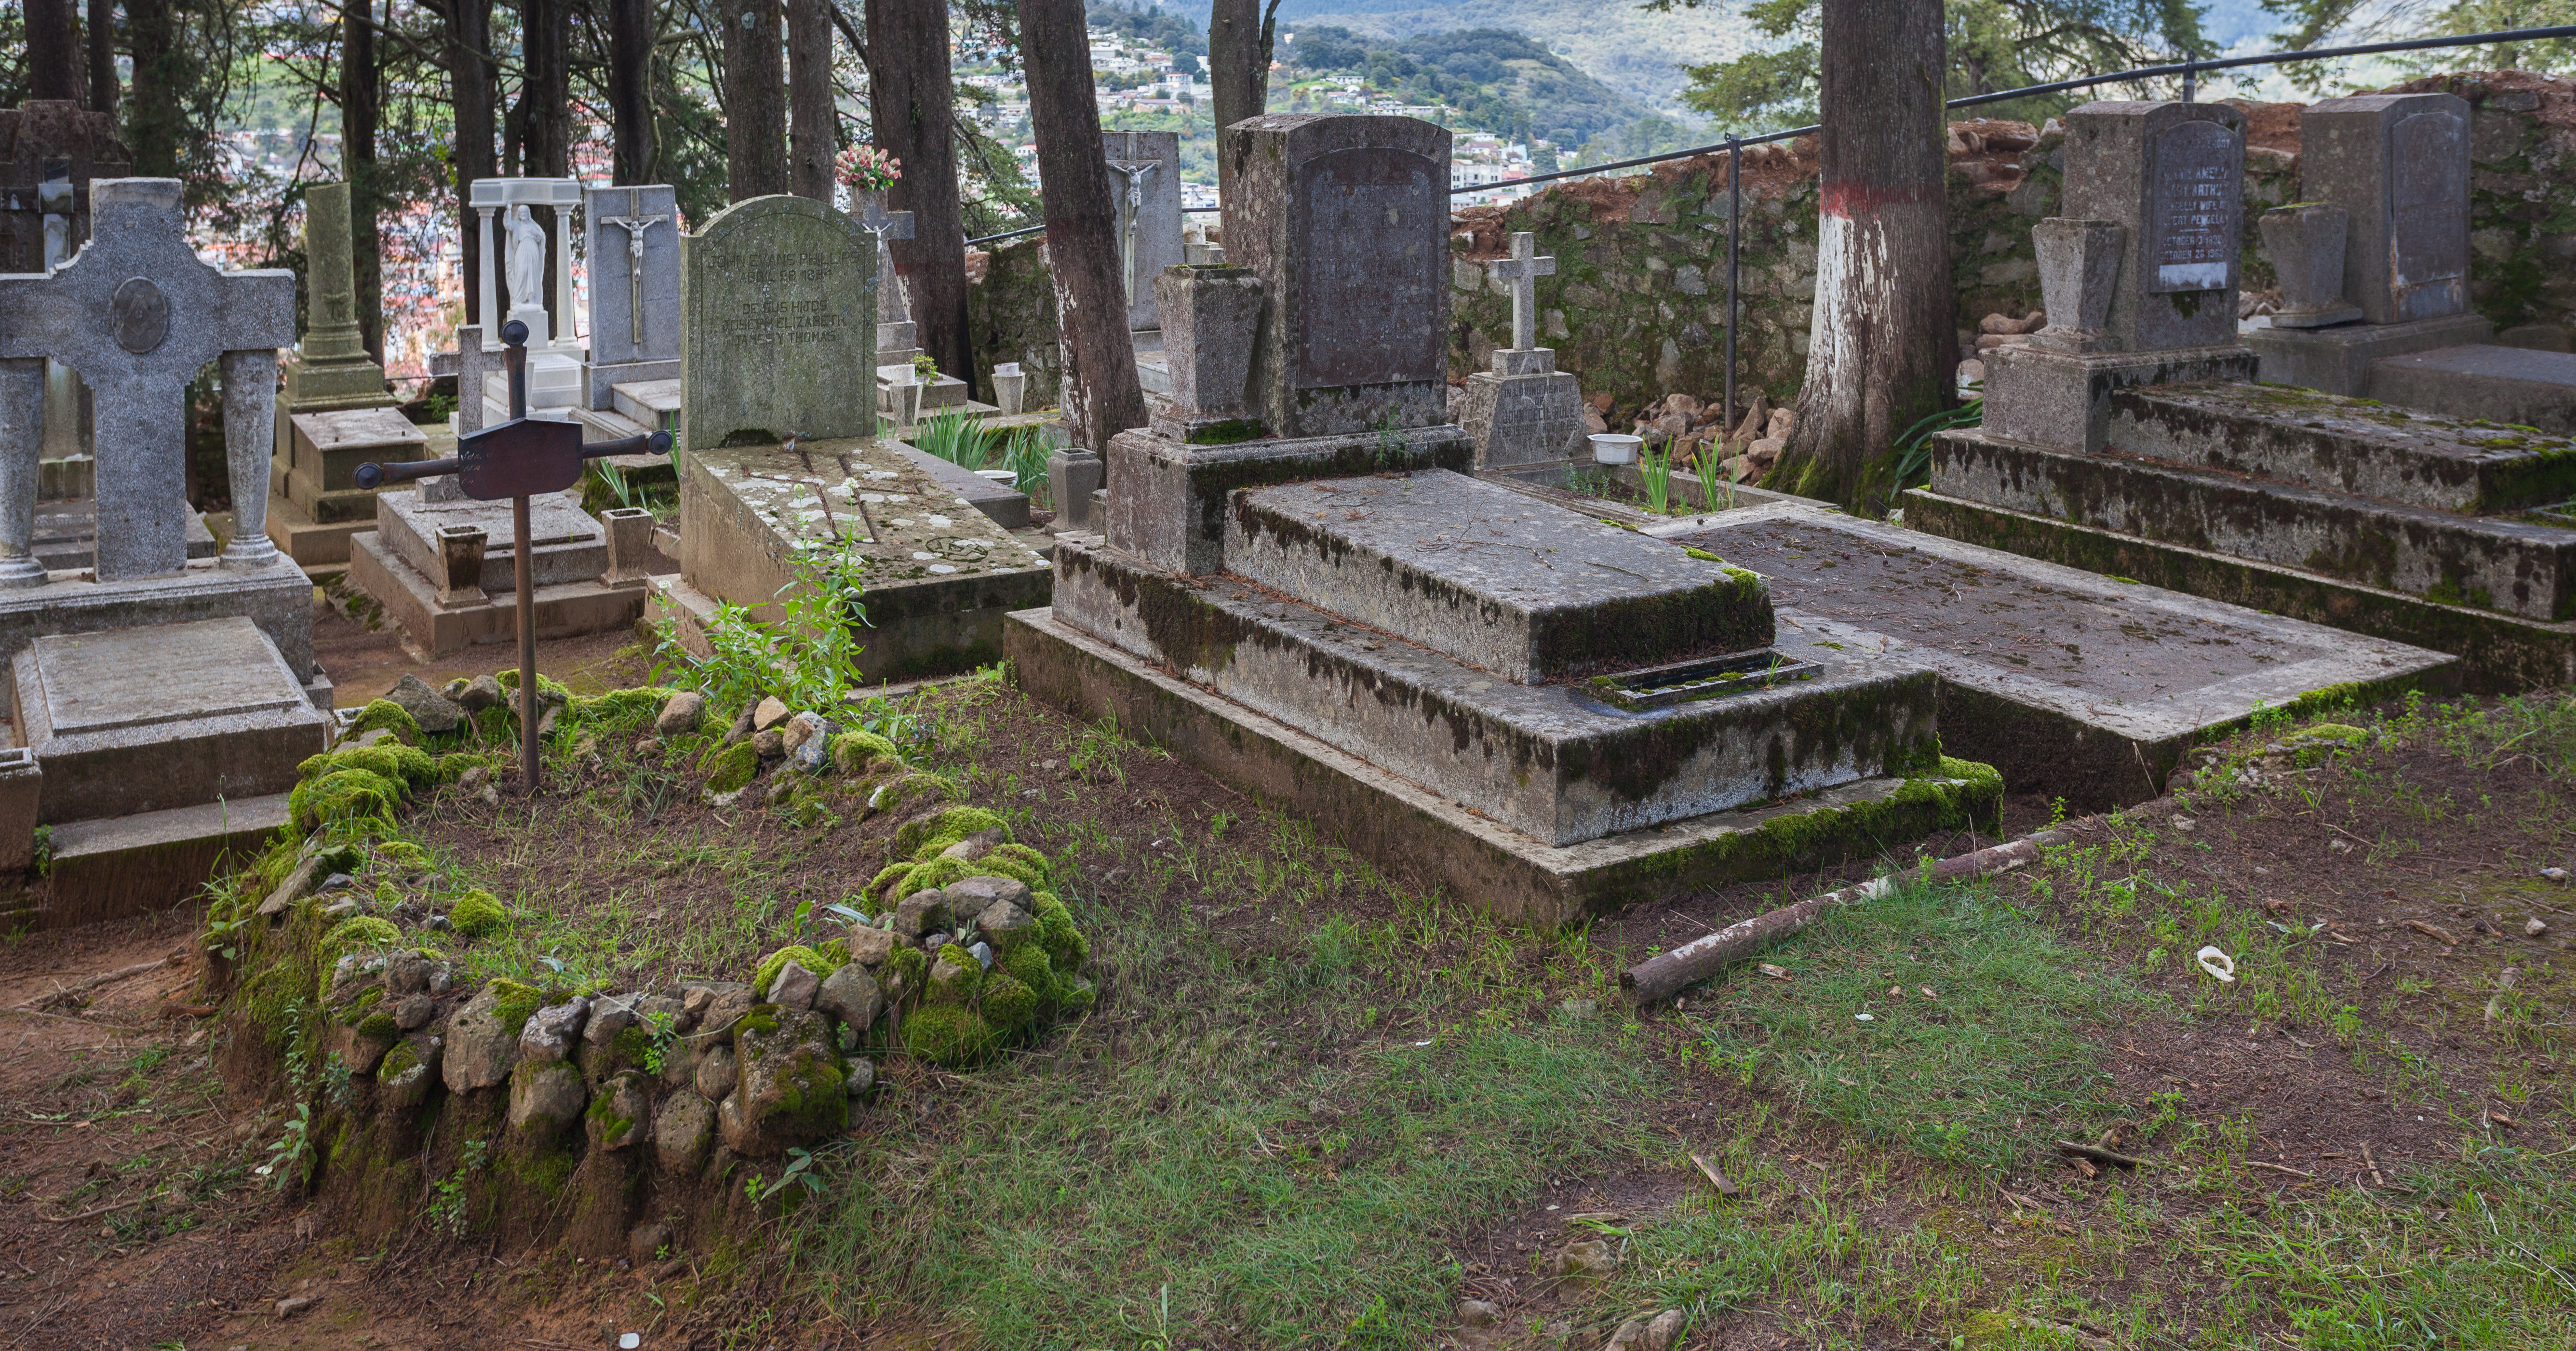 File:Panteón Inglés, Real del Monte, Hidalgo, México, 2013-10-10, DD 10.JPG -...